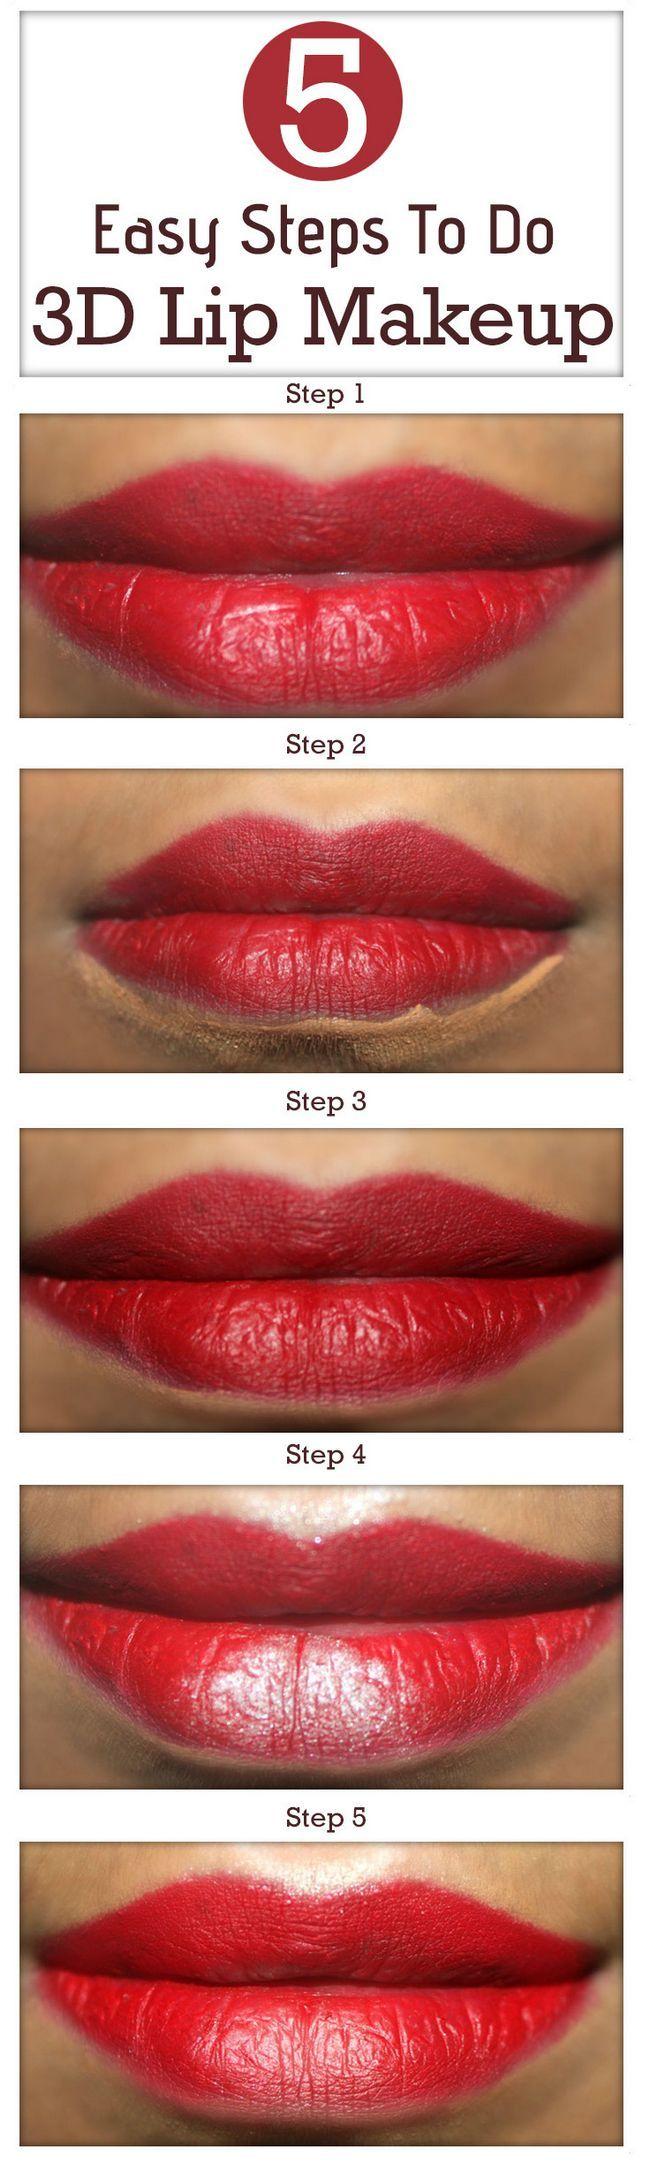 5 Étapes faciles à faire le maquillage 3d lèvres - tutoriel avec des étapes détaillées et des images